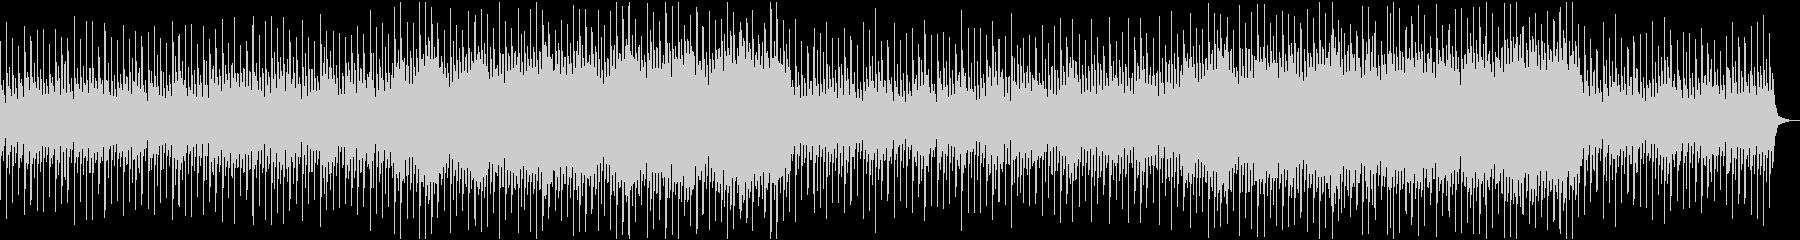 製品チュートリアル企業VPコーポレートaの未再生の波形